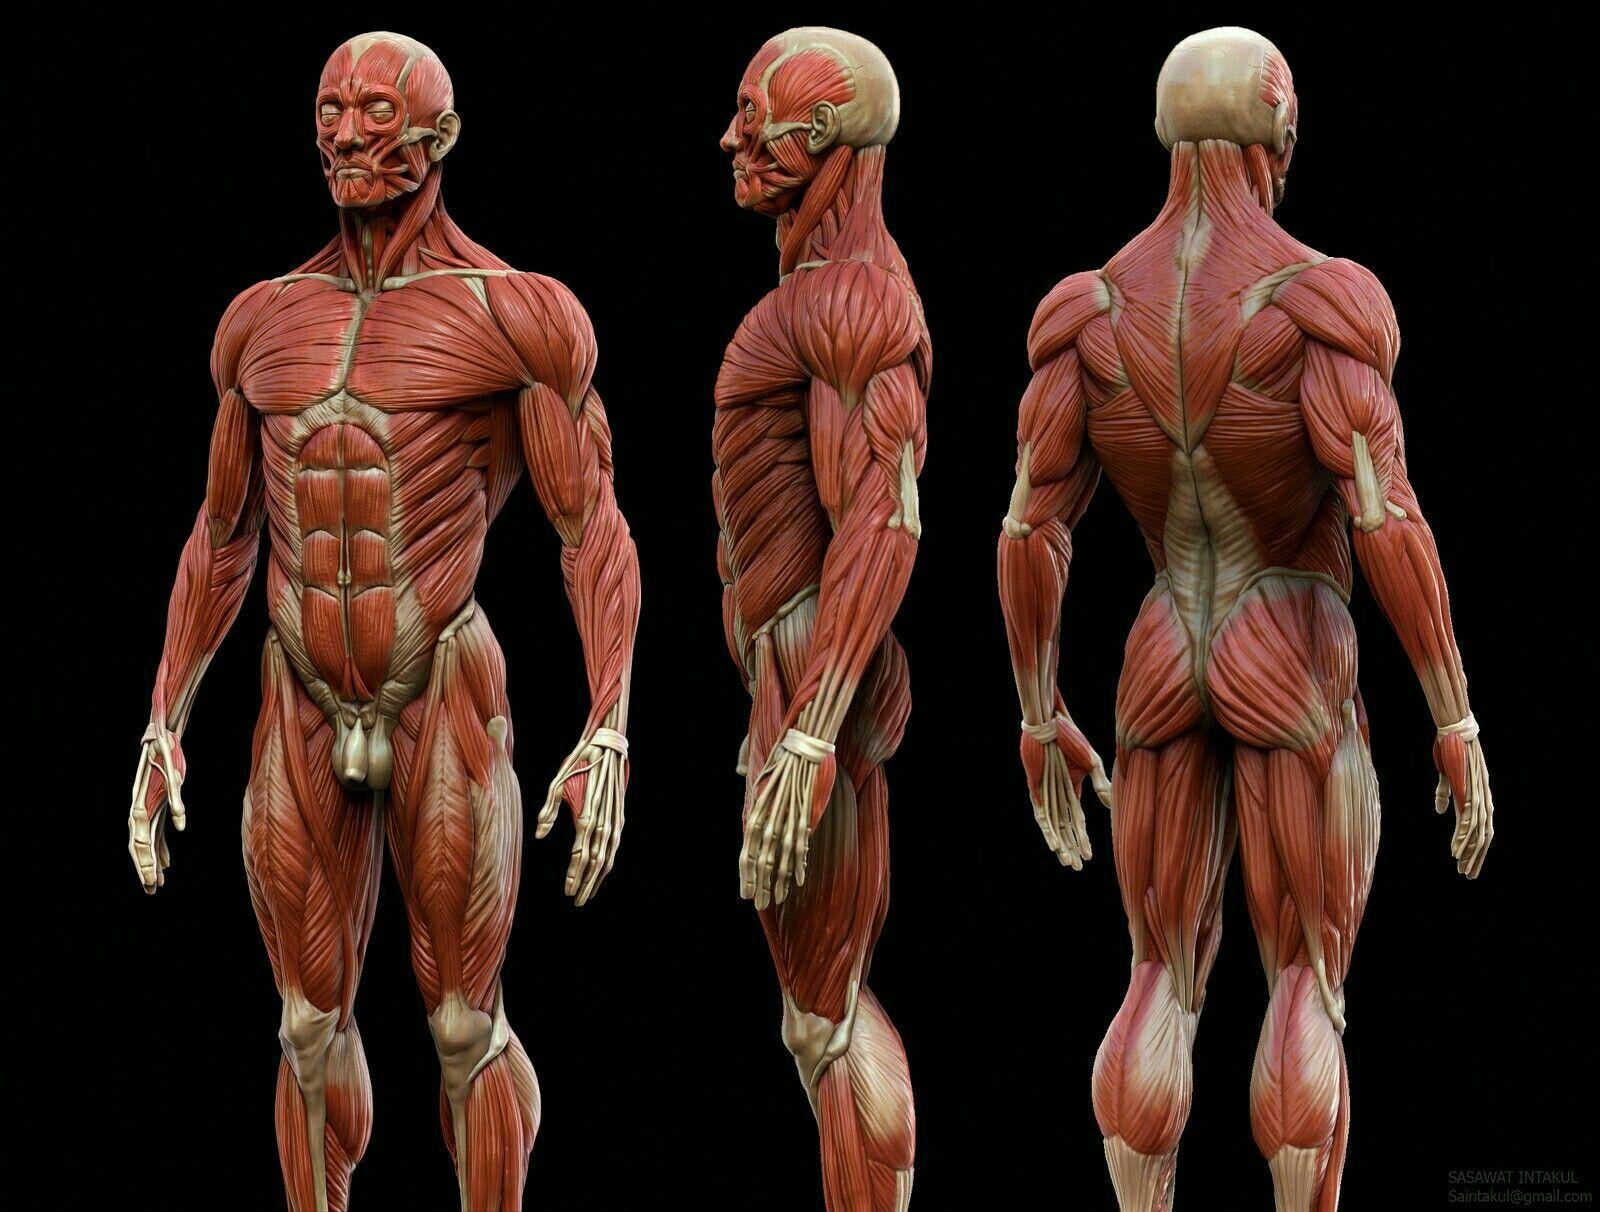 Anatomy Model Anatomy Pinterest Anatomy Models Anatomy And